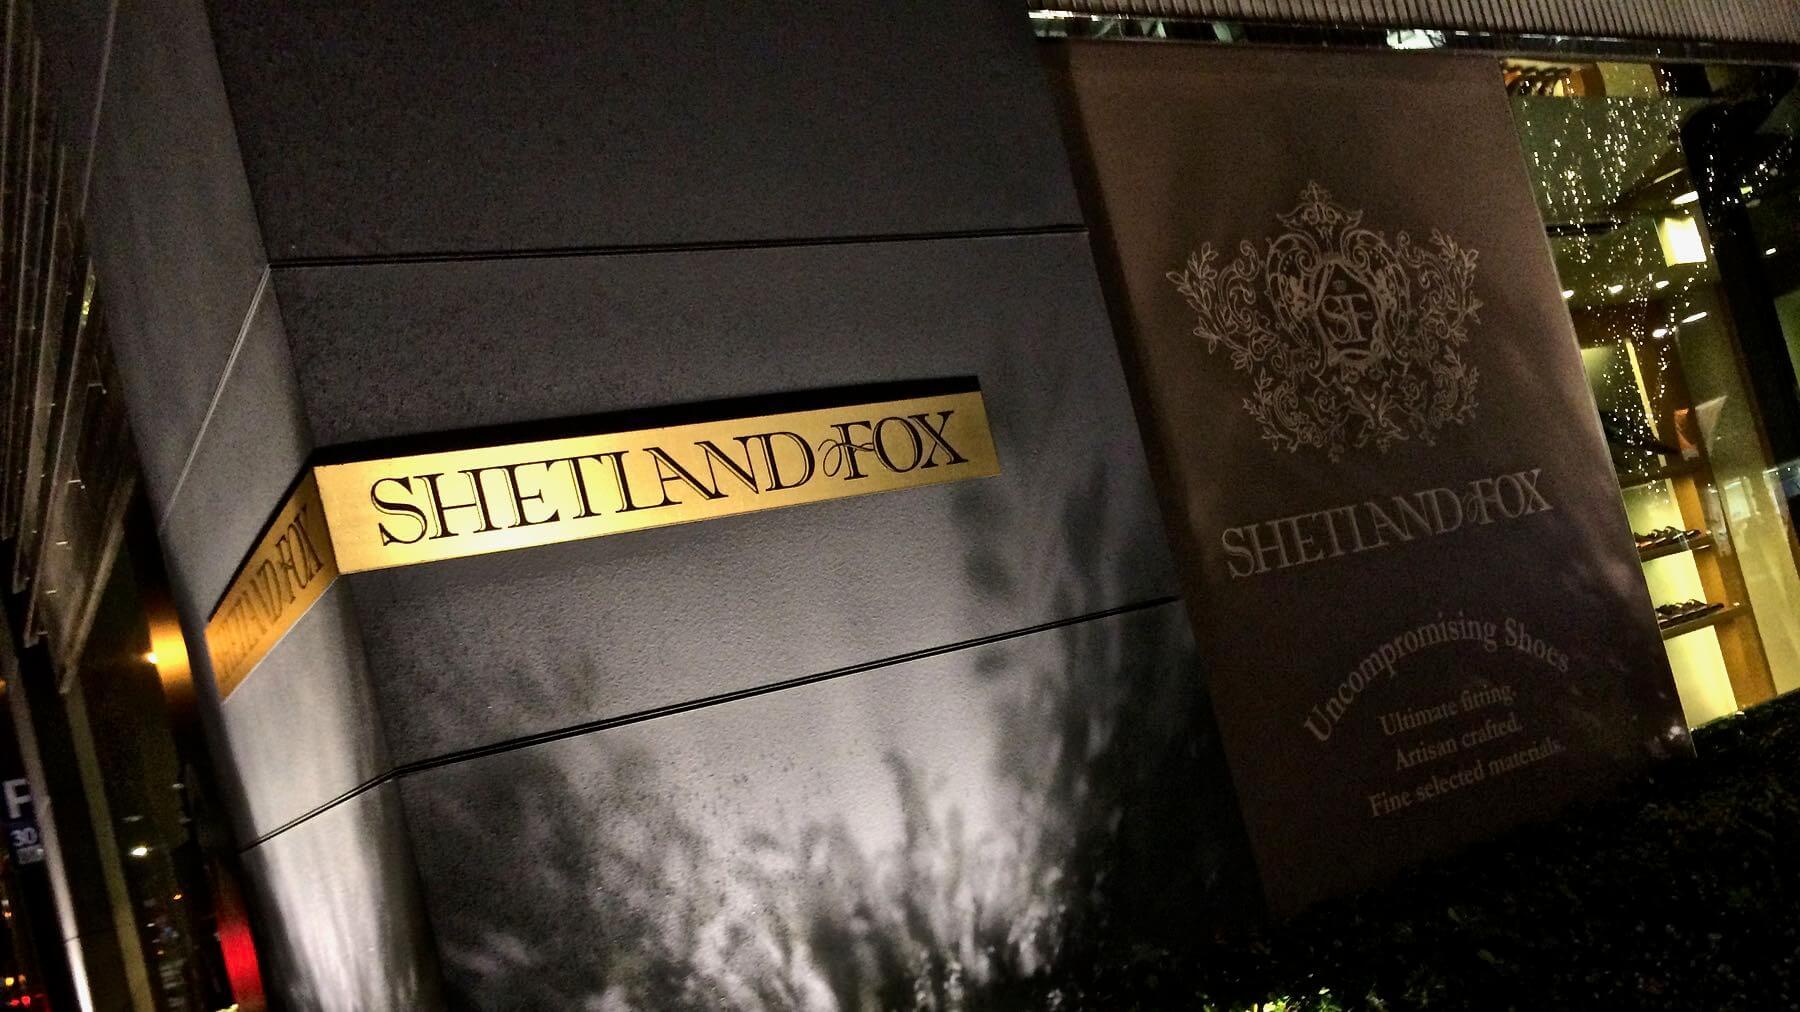 02 Shetlandfox Hibiya Shop